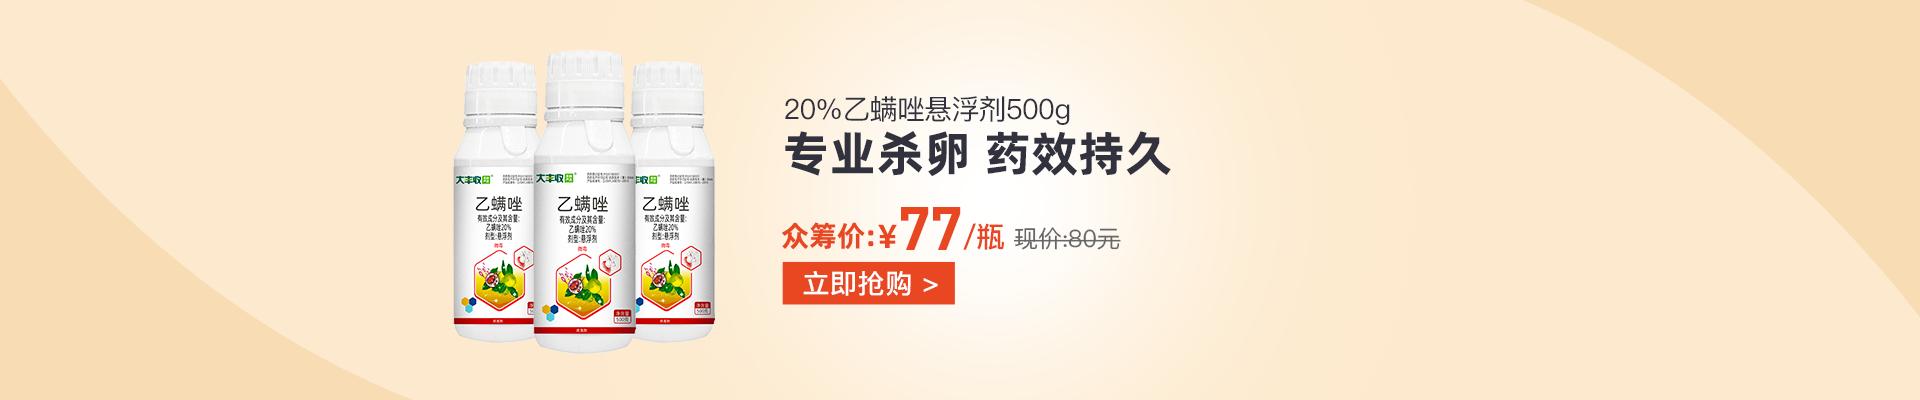 【4月】众筹-【丰创严选】20%乙螨唑悬浮剂500g500g*5瓶